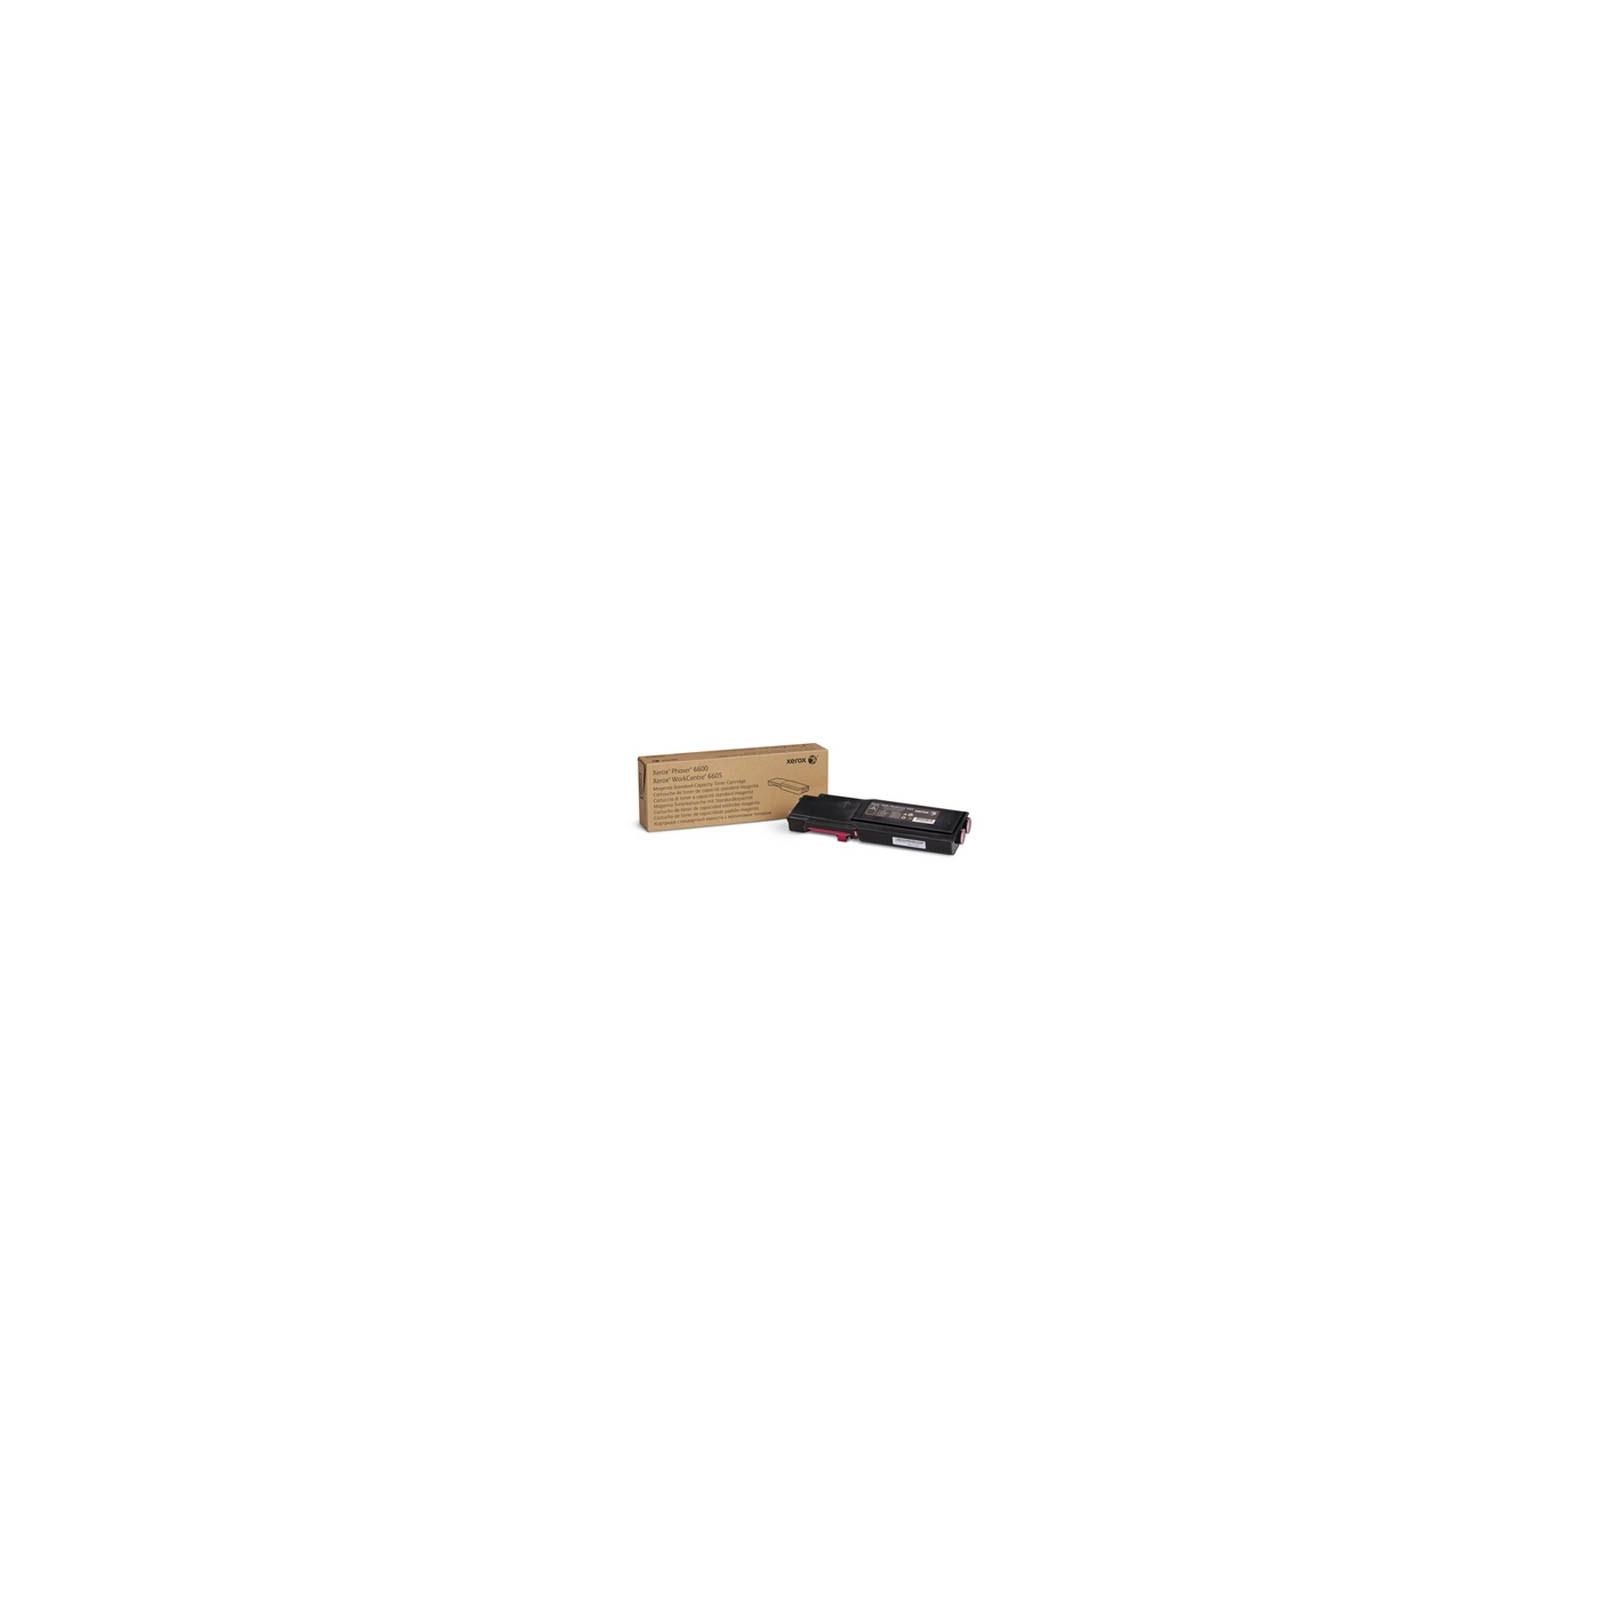 Тонер-картридж XEROX PH6600/ WC6605 Magenta (106R02250)